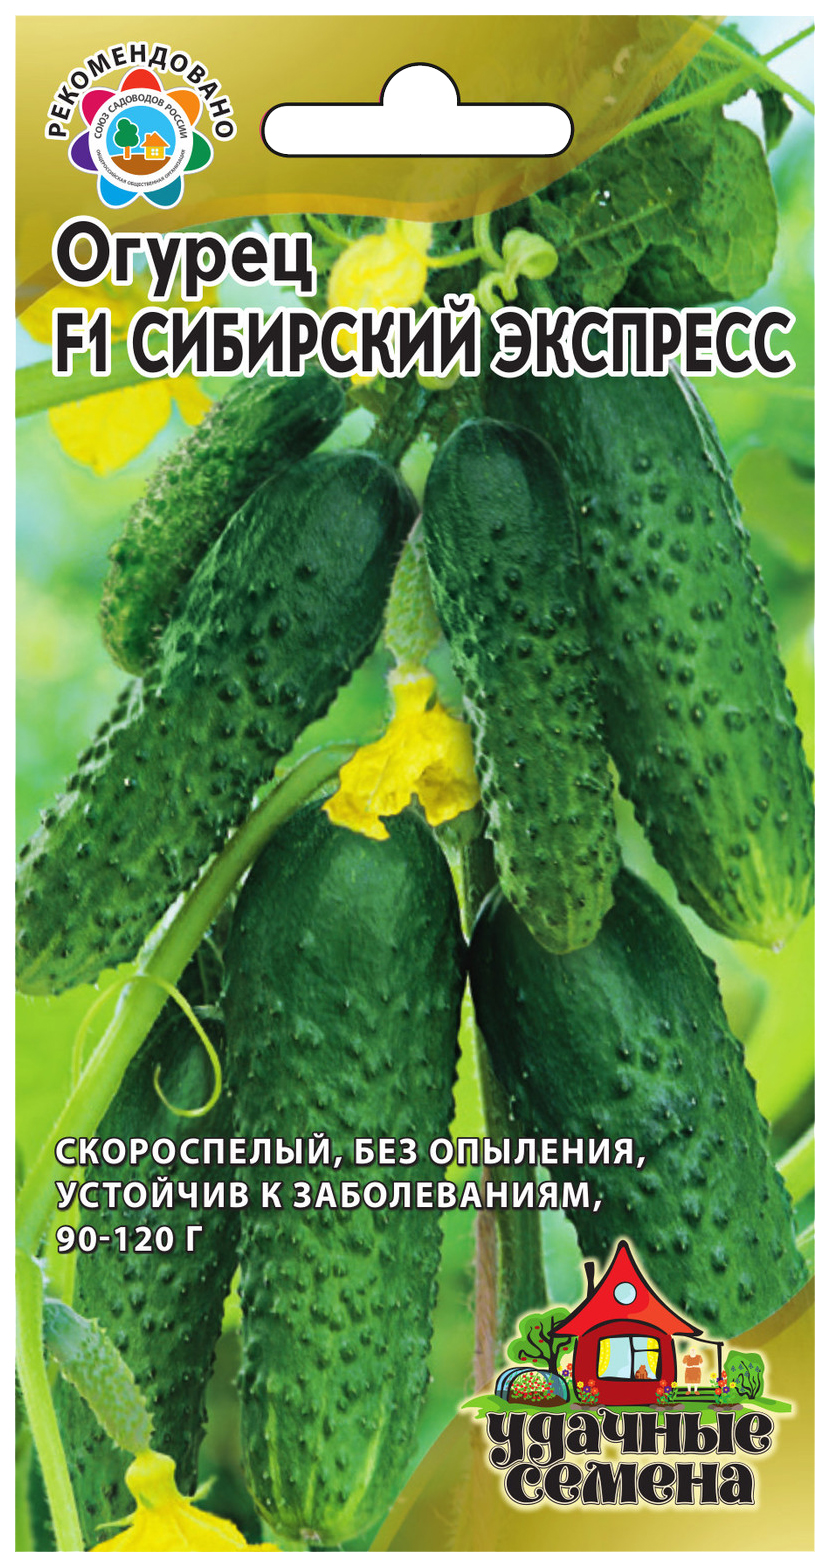 Семена Огурец Сибирский экспресс F1, 10